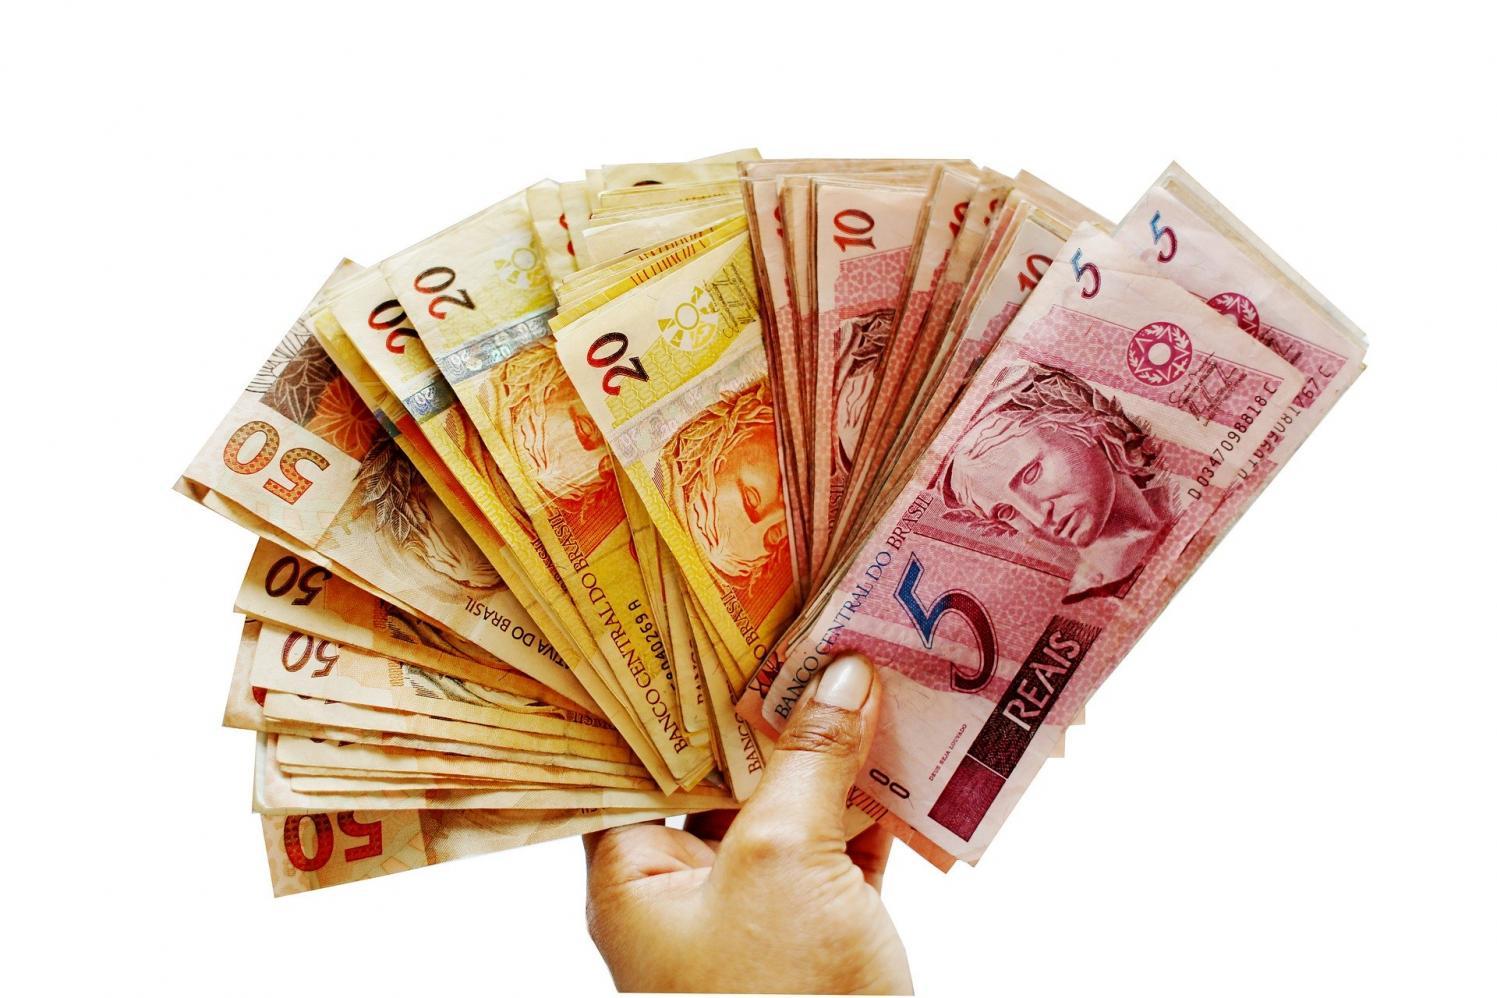 Caixa inicia pagamento do abono salarial 2019/2020 para trabalhadores nascidos em novembro